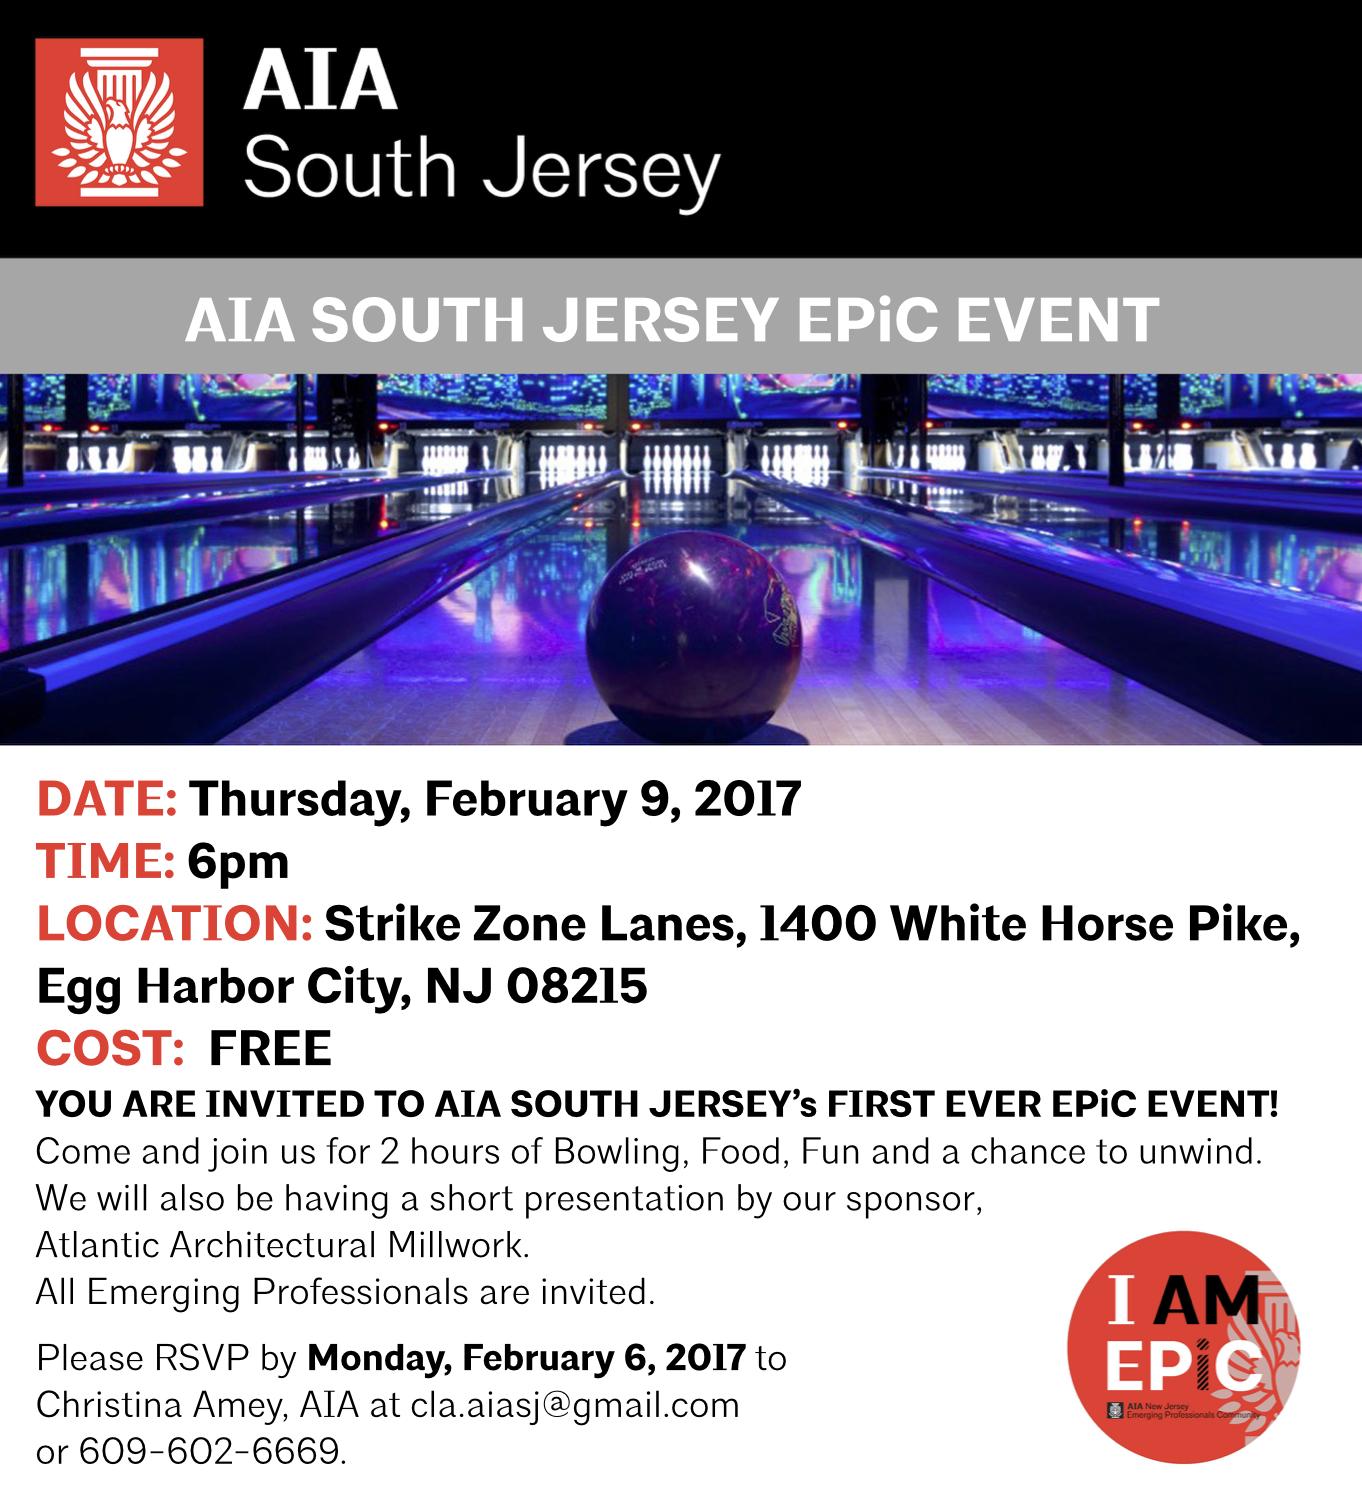 aia-sj-epic-feb-9-2017-invitation